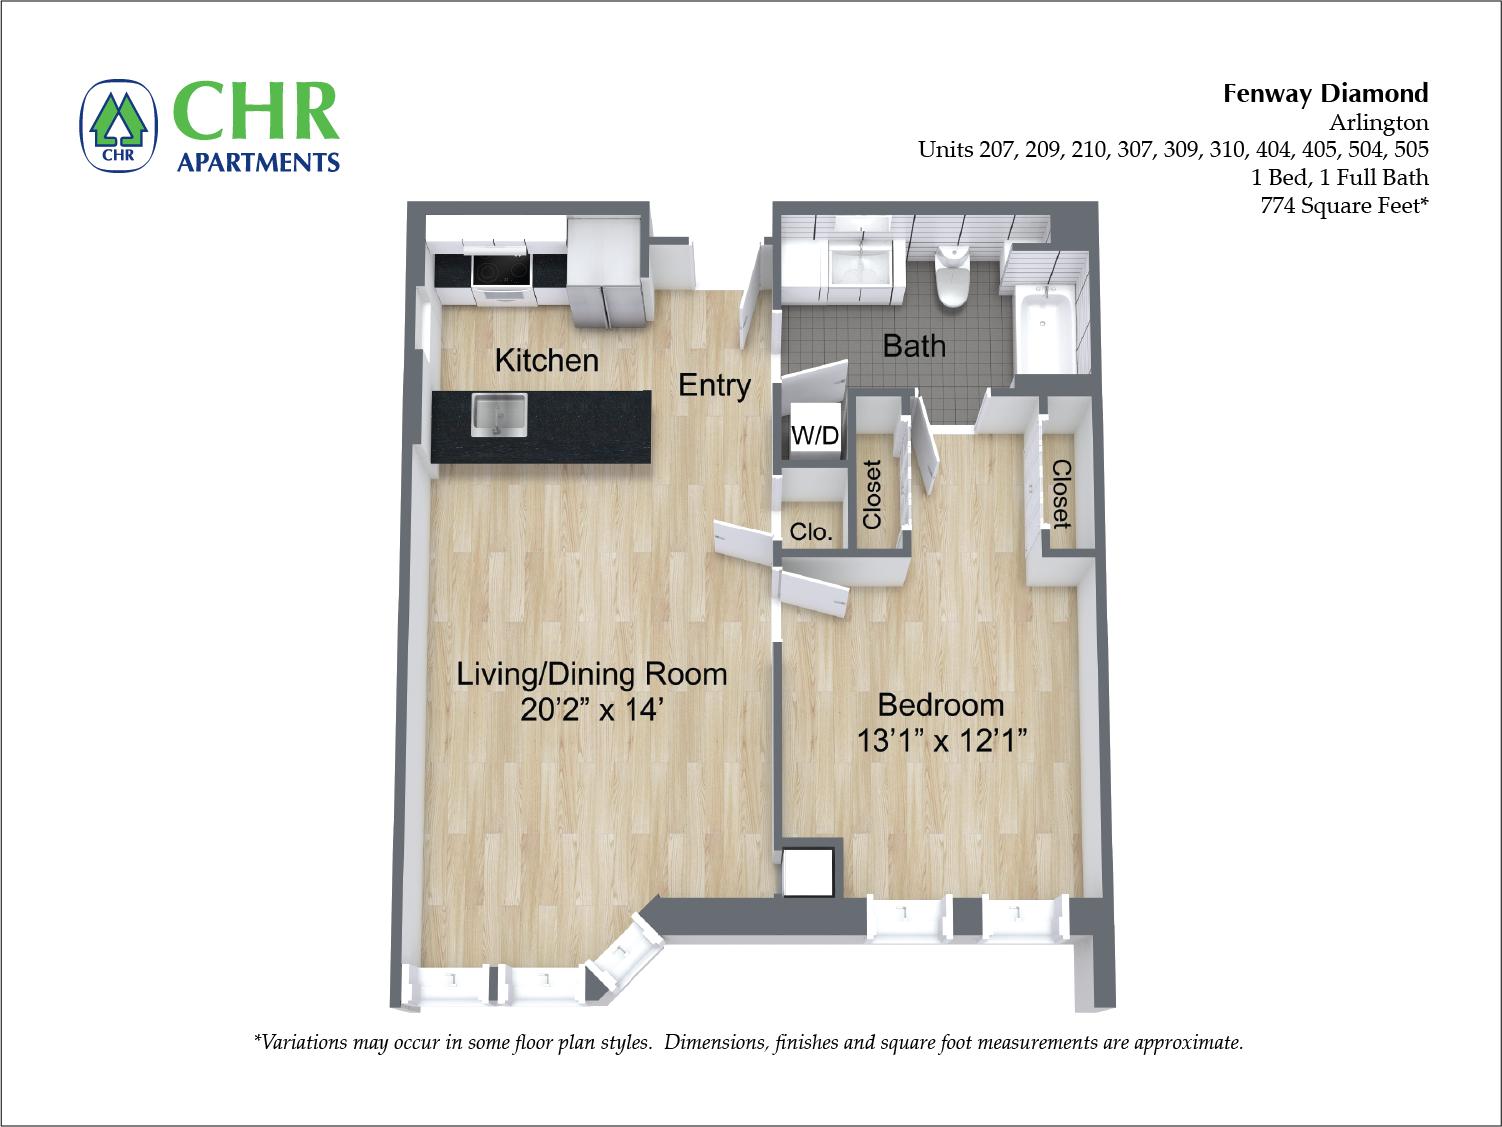 Click to view 1 Bedroom with Open Floorplan floor plan gallery